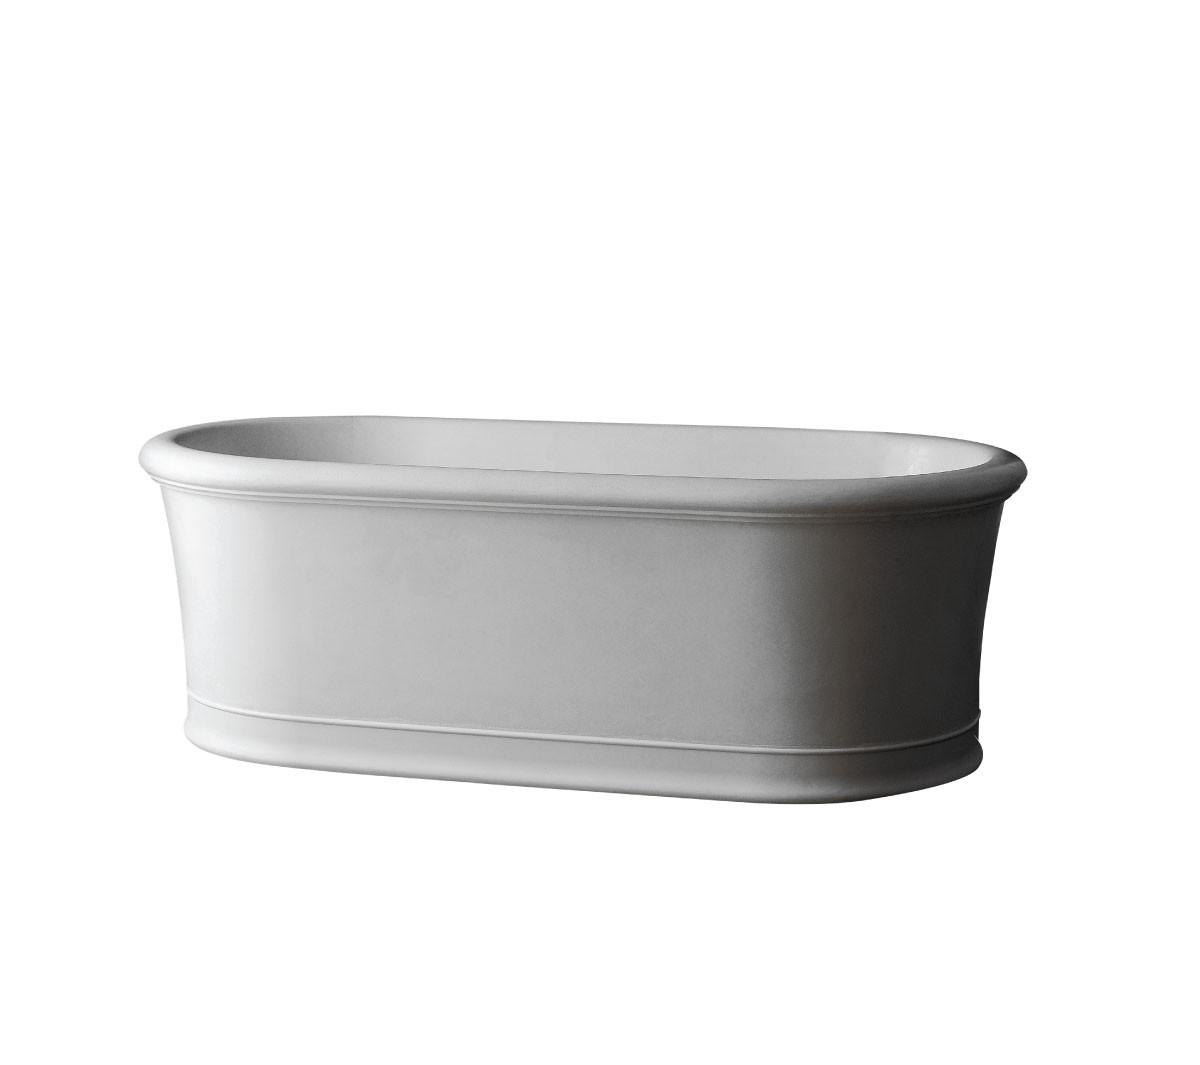 Vasca di design di DevonDevon